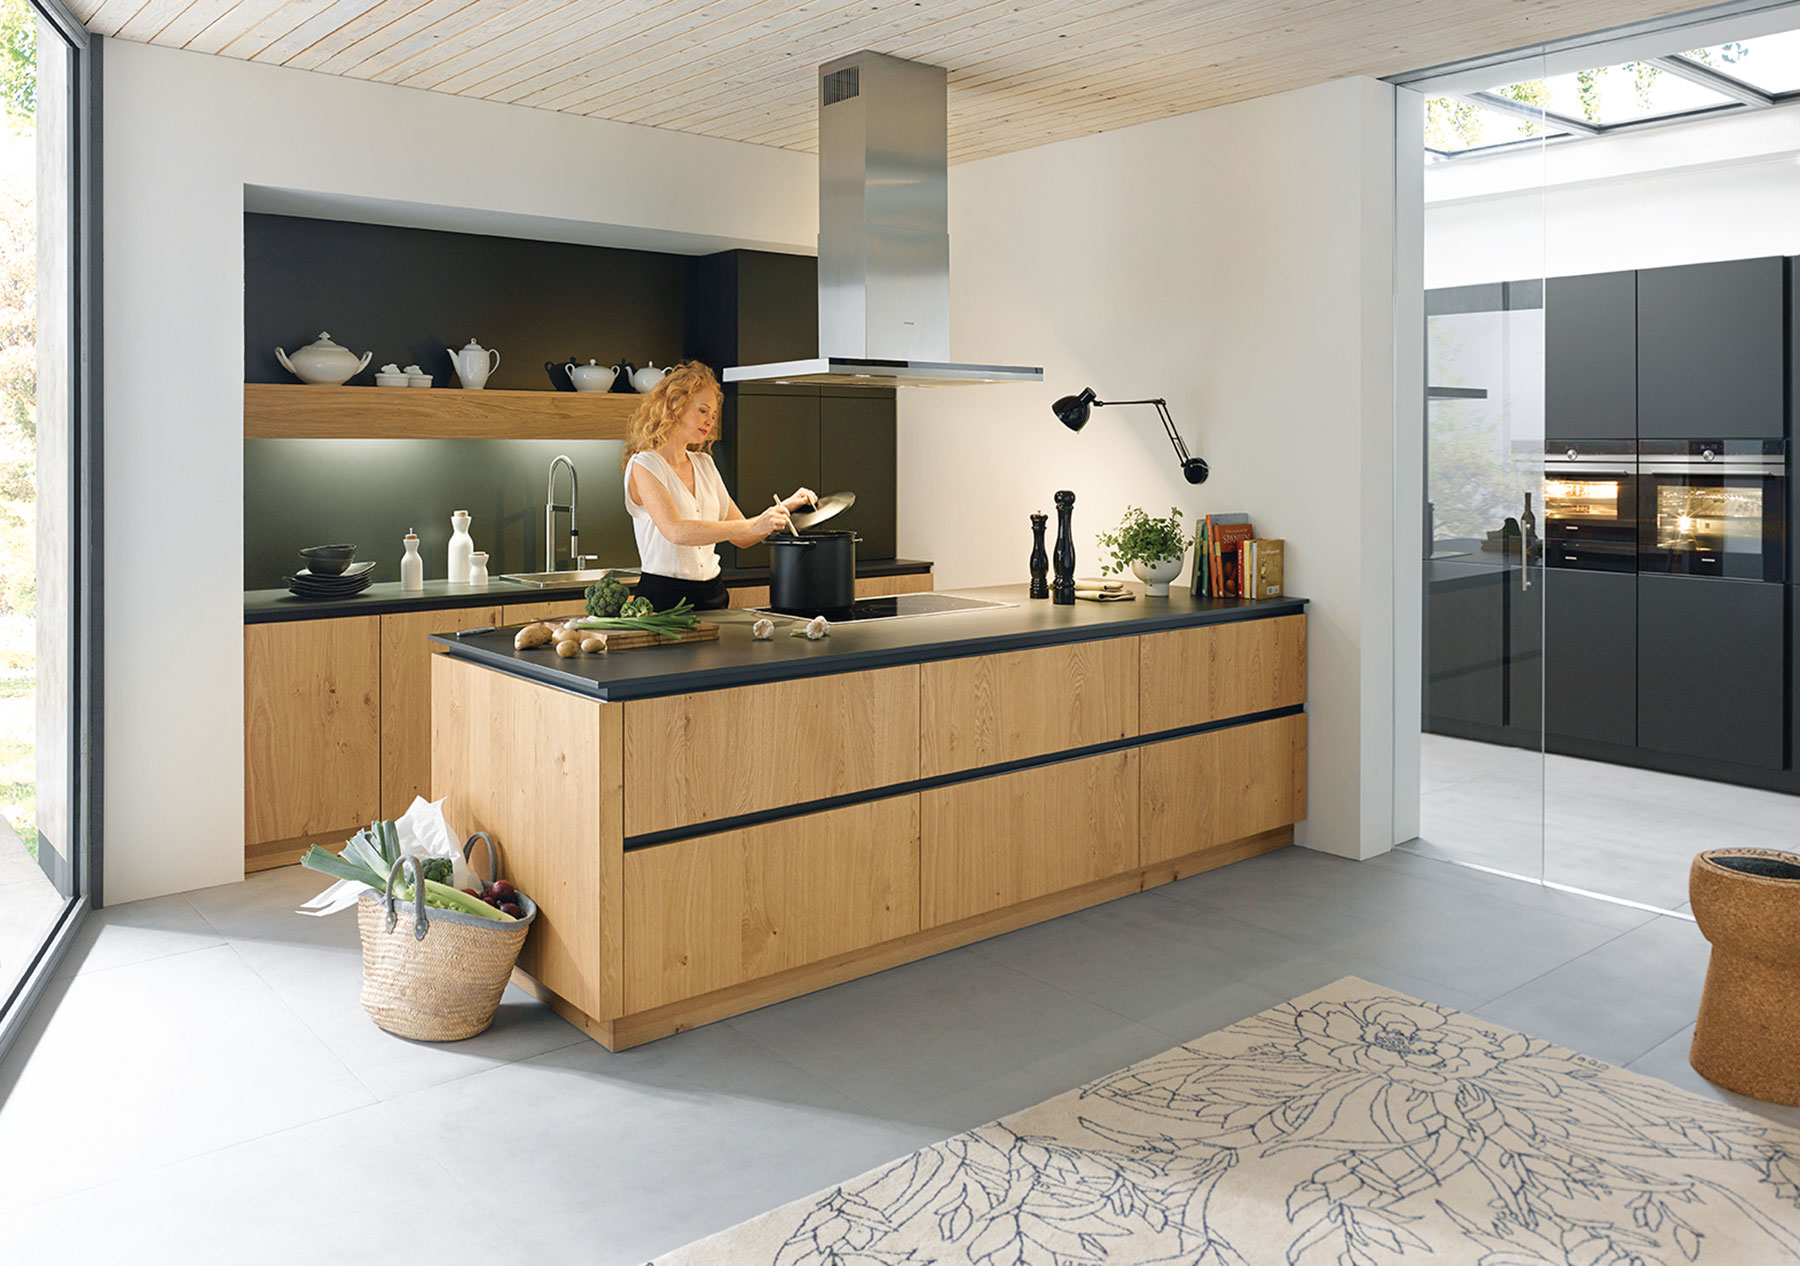 Full Size of Grifflose Küche Vorteile Nachteile Grifflose Küche Mit Insel Grifflose Küche Nobilia Grifflose Küche Meinungen Küche Grifflose Küche